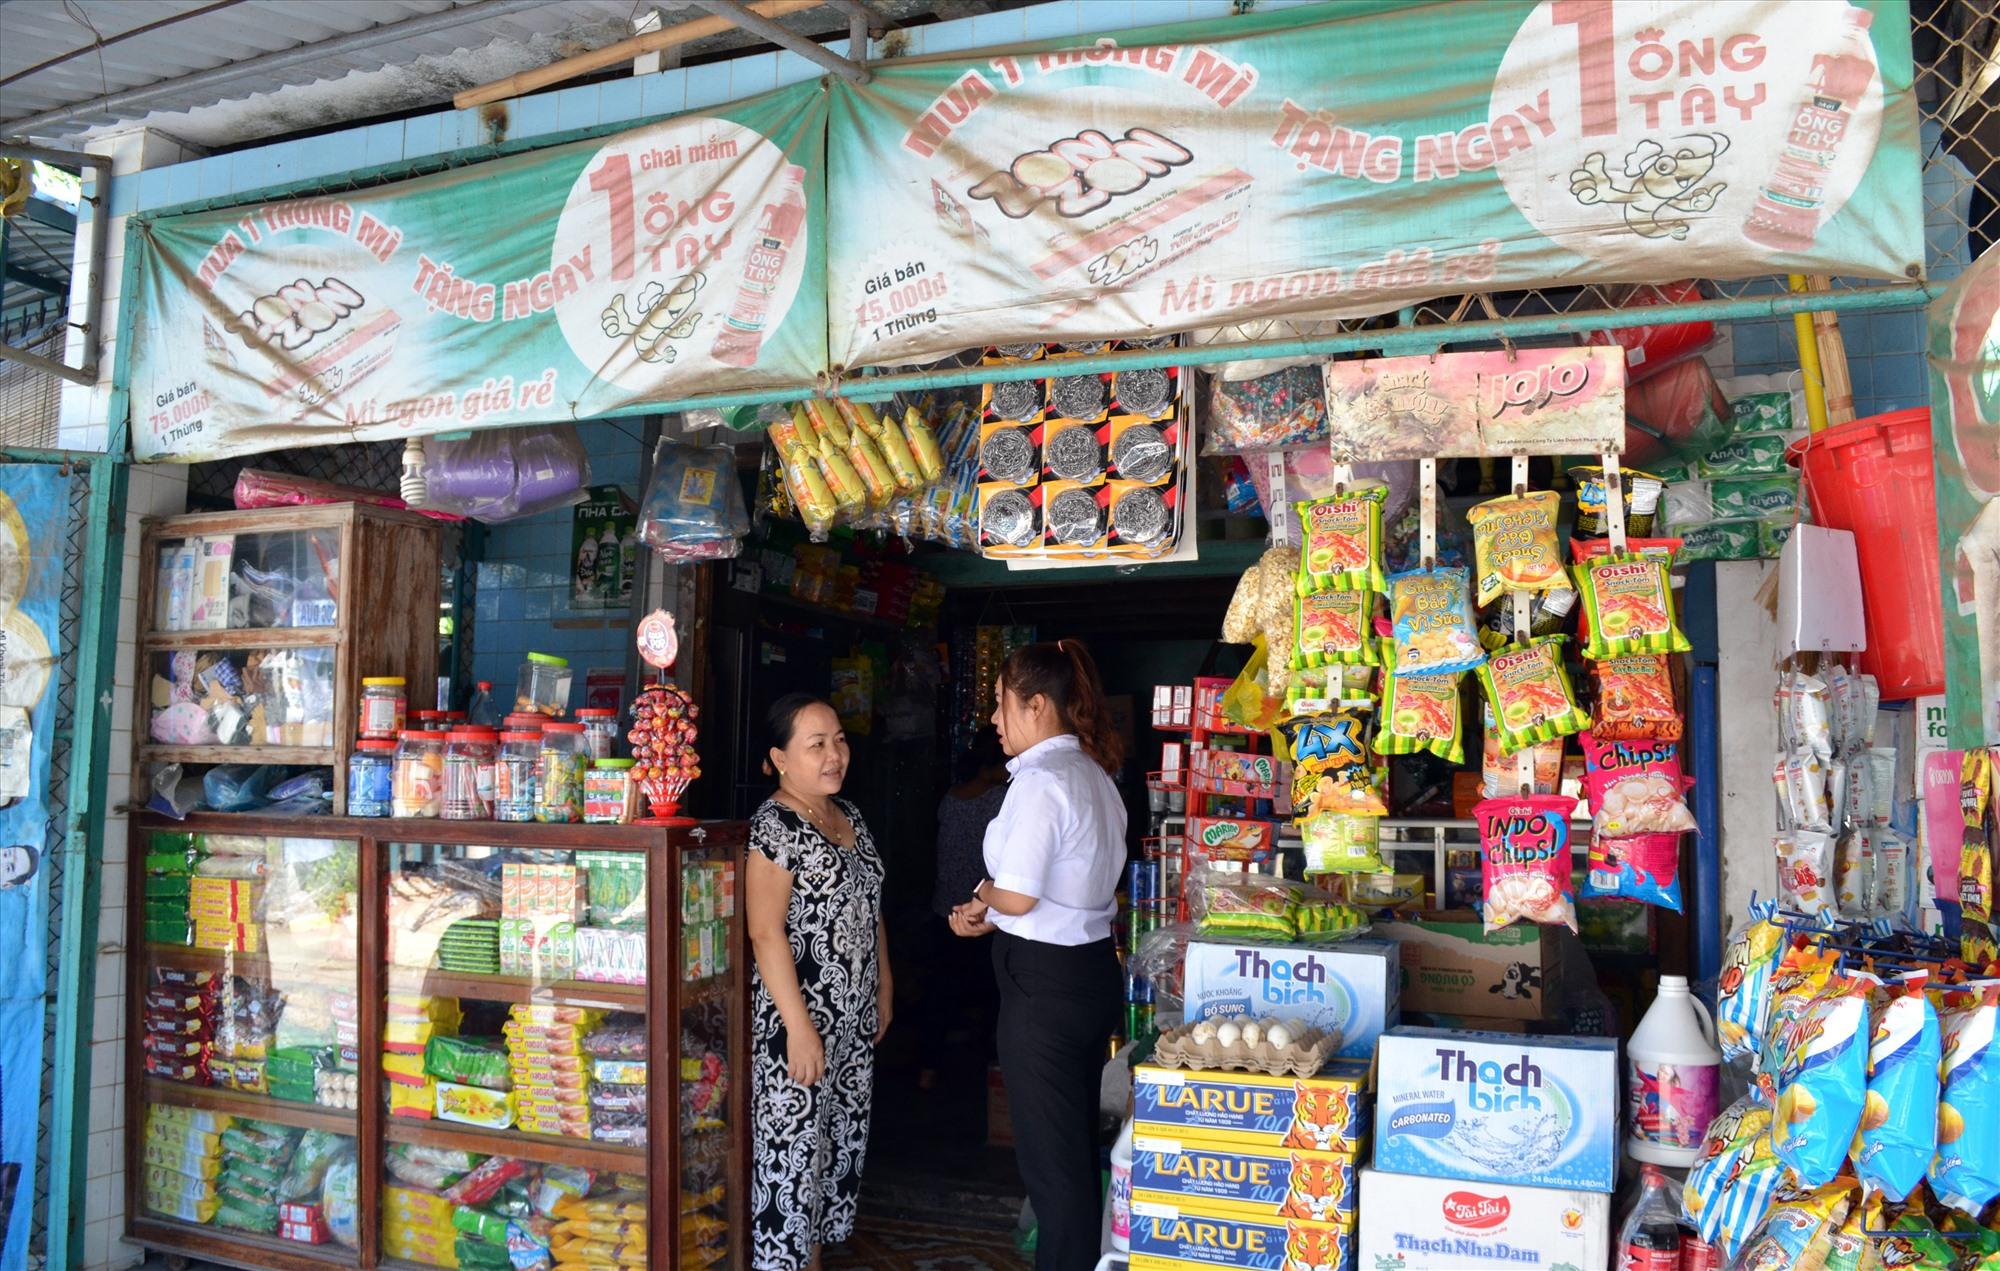 Bà Nguyễn Thị Luật trao đổi với cán bộ xã Tam Hải về tín dụng chính sách xã hội. Ảnh: VIỆT NGUYỄN